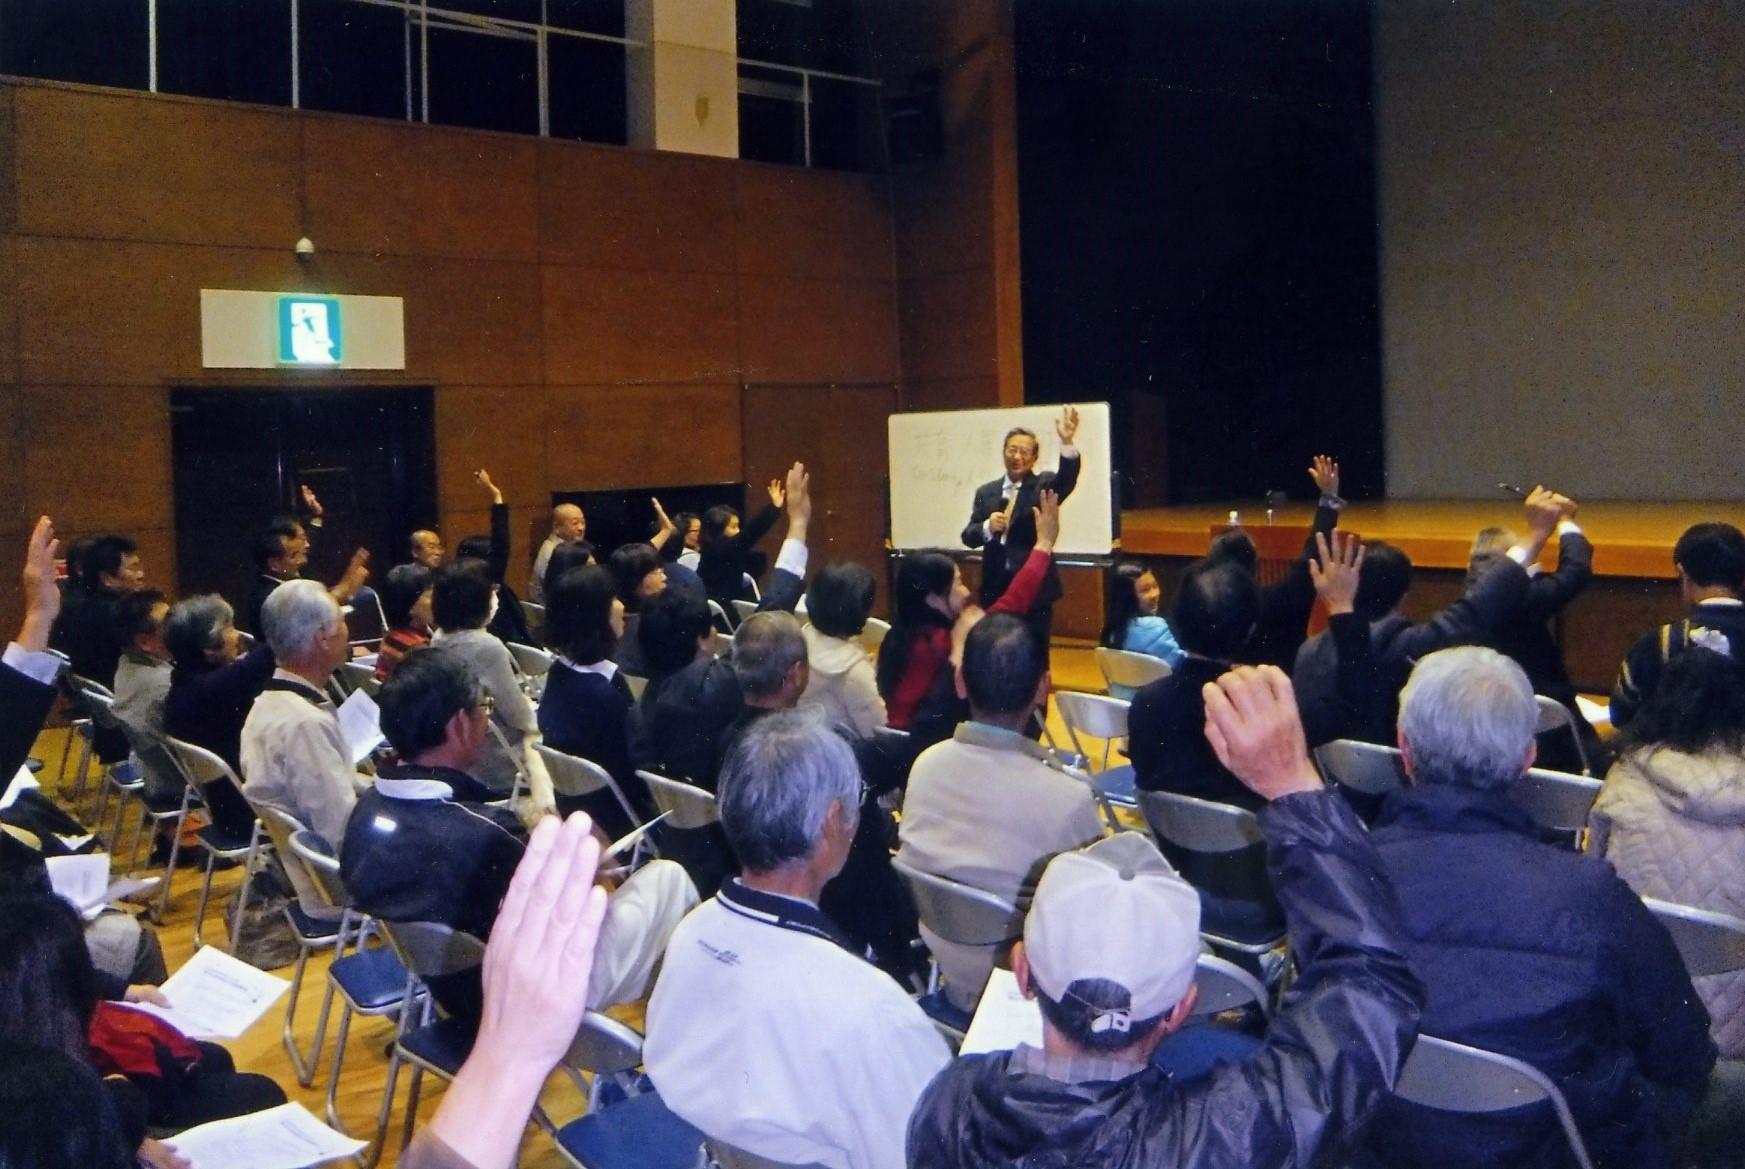 岡本小学校区・岩原小学校区出前セミナー 青少年健全育成会合同講演会(2014・11・26) 「あいさつとありがとう」で人生が変わる